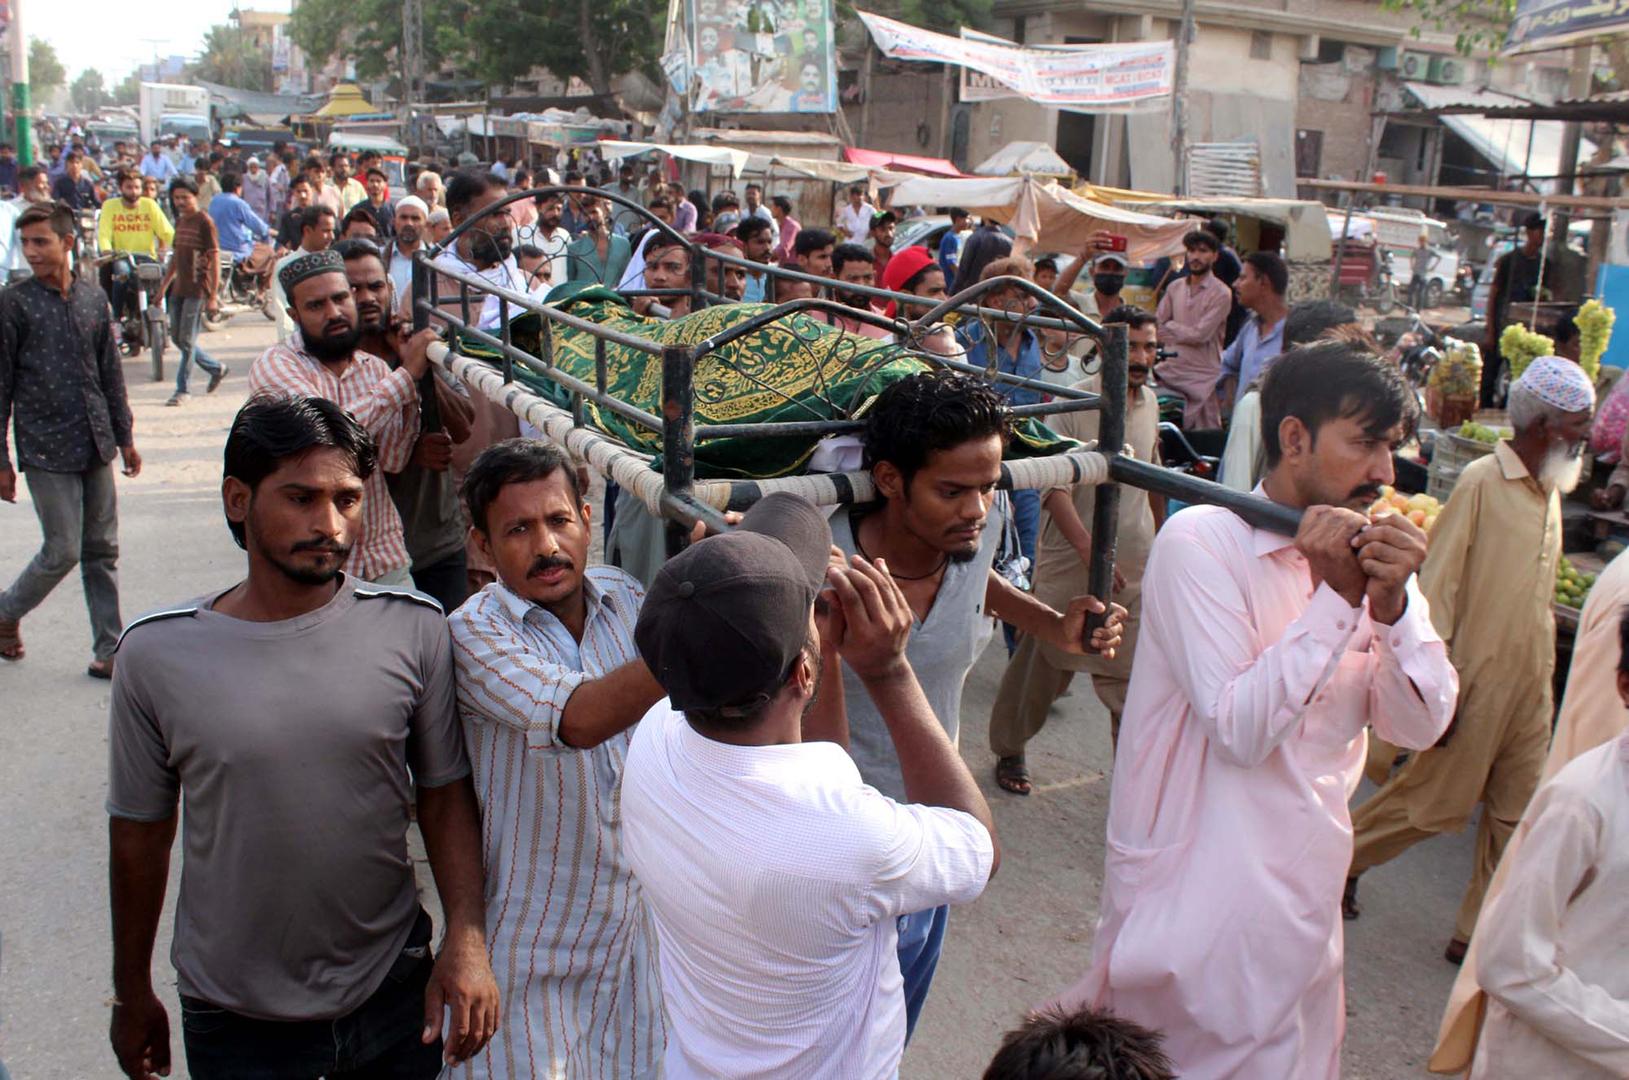 باكستان.. مقتل 8 أشخاص وإصابة 15 آخرين في إطلاق نار أثناء جنازة